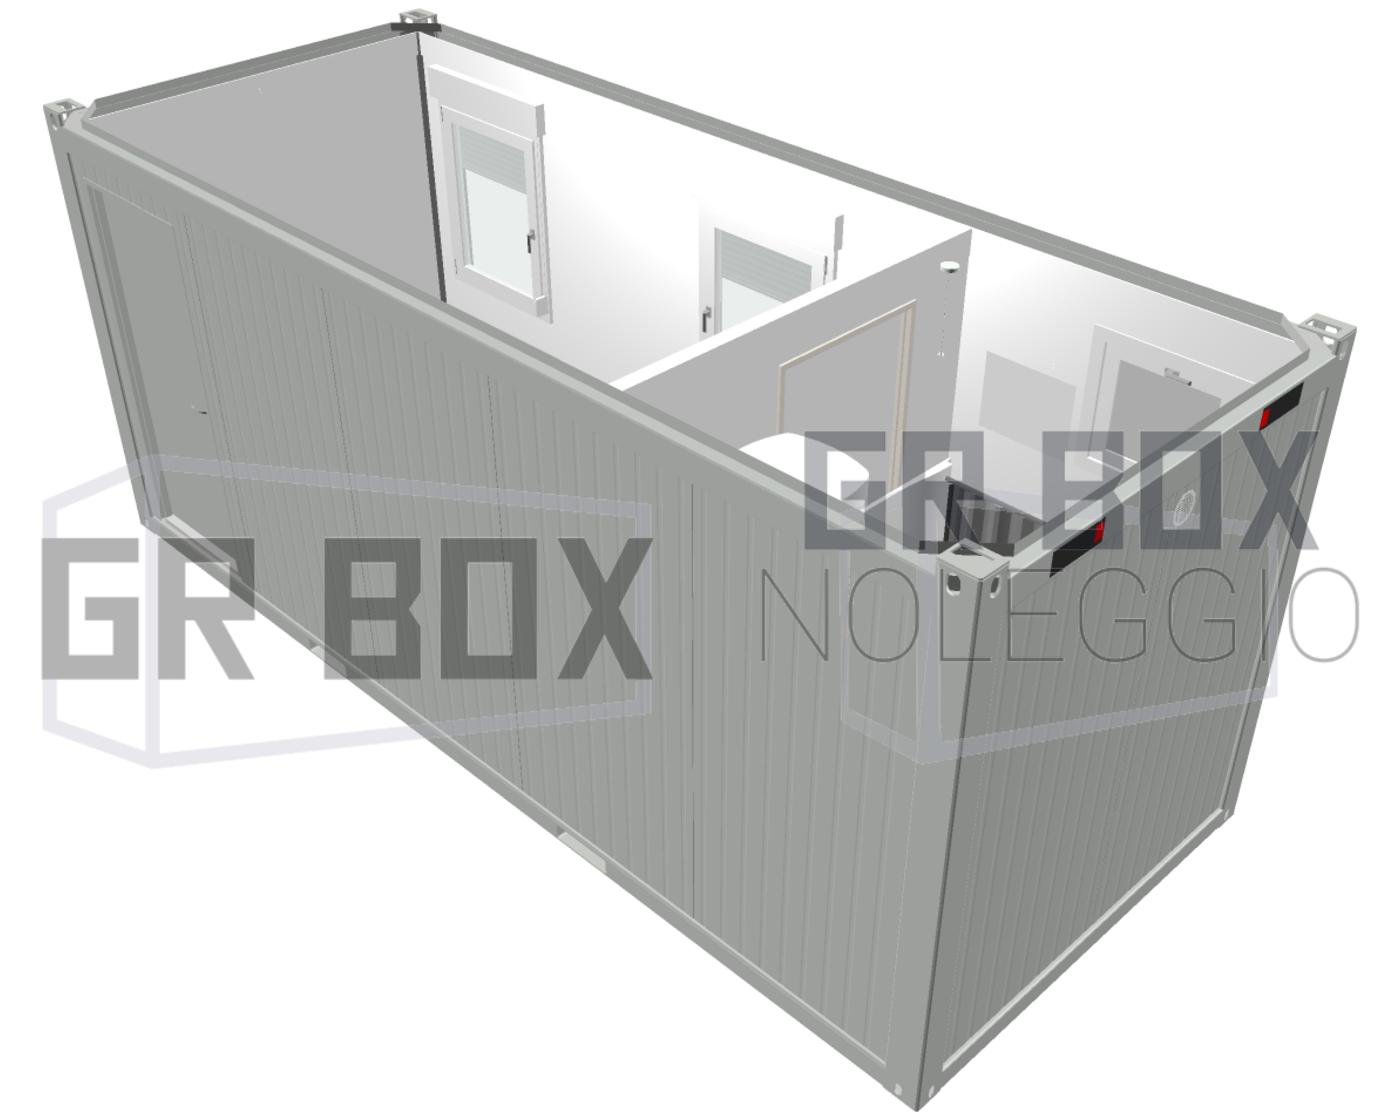 noleggio box monoblocchi con bagno